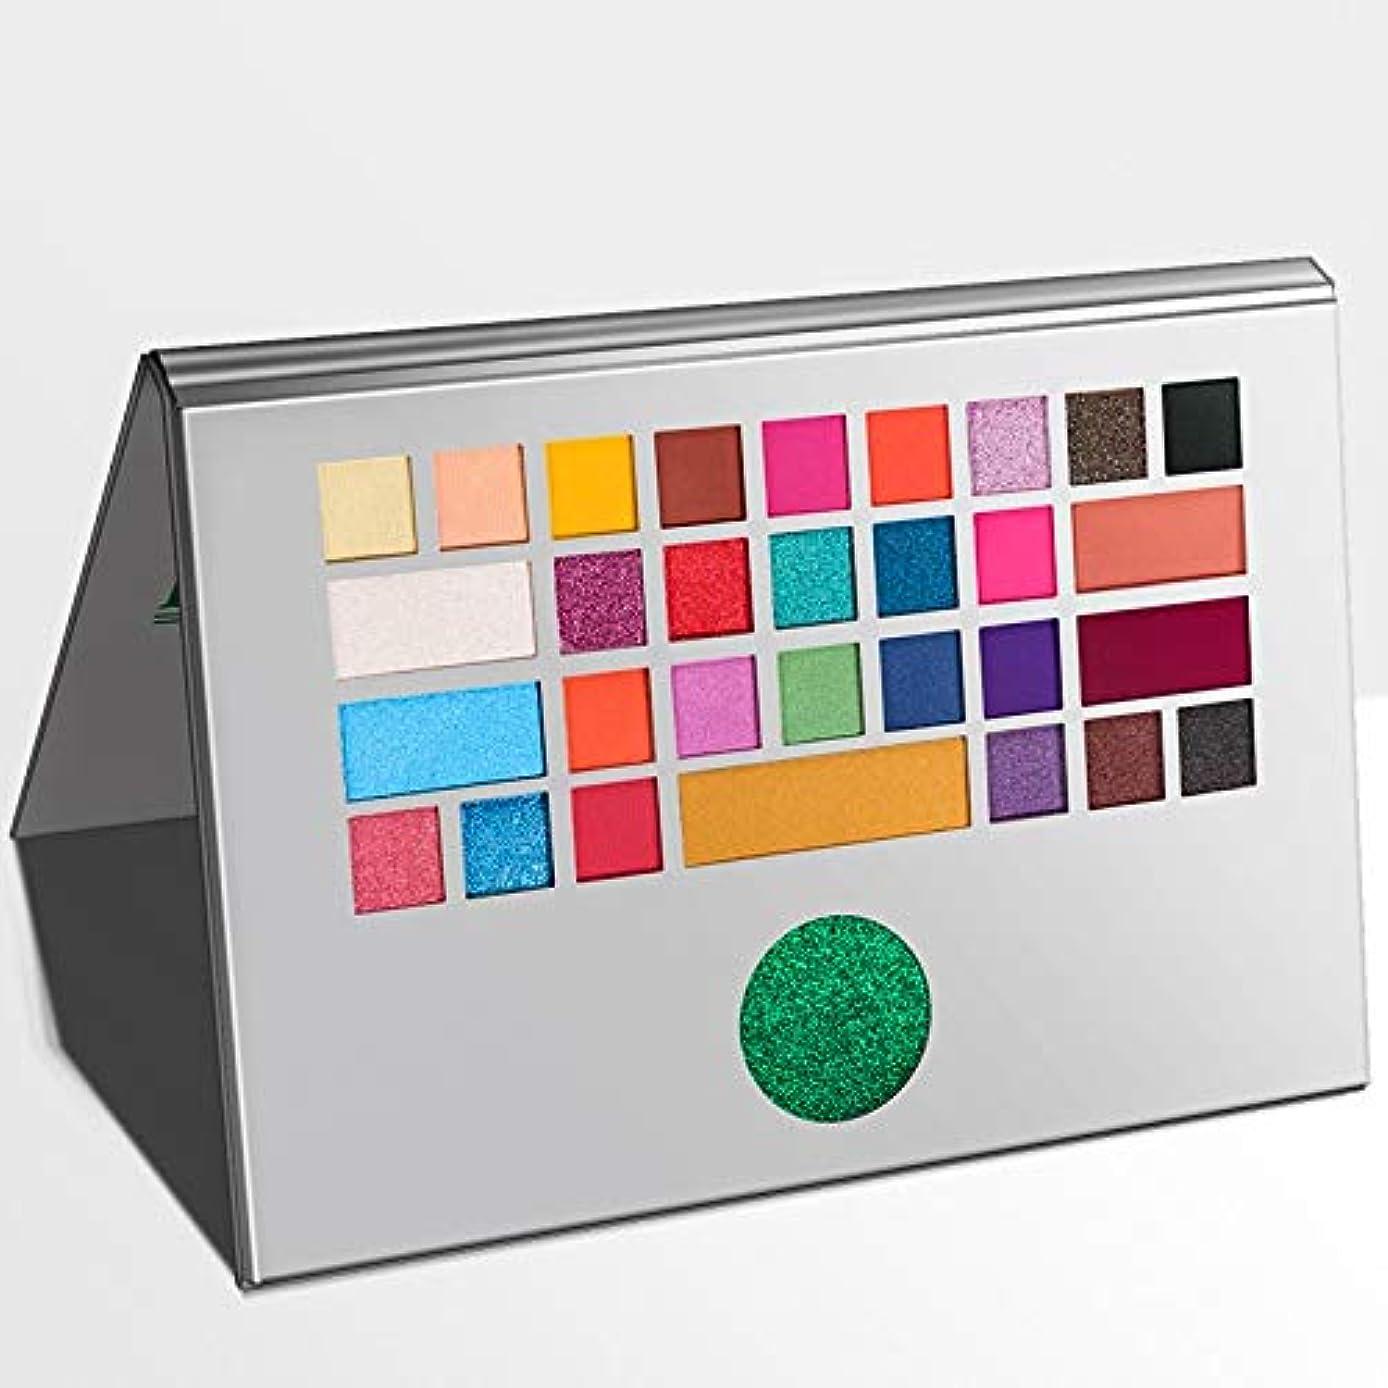 フェッチ通貨装置新しいアイシャドウパレット31色ラップトップデザインアイシャドウメイクアップパレットアイシャドウパレットラップトップパレット (Color : 31 color)